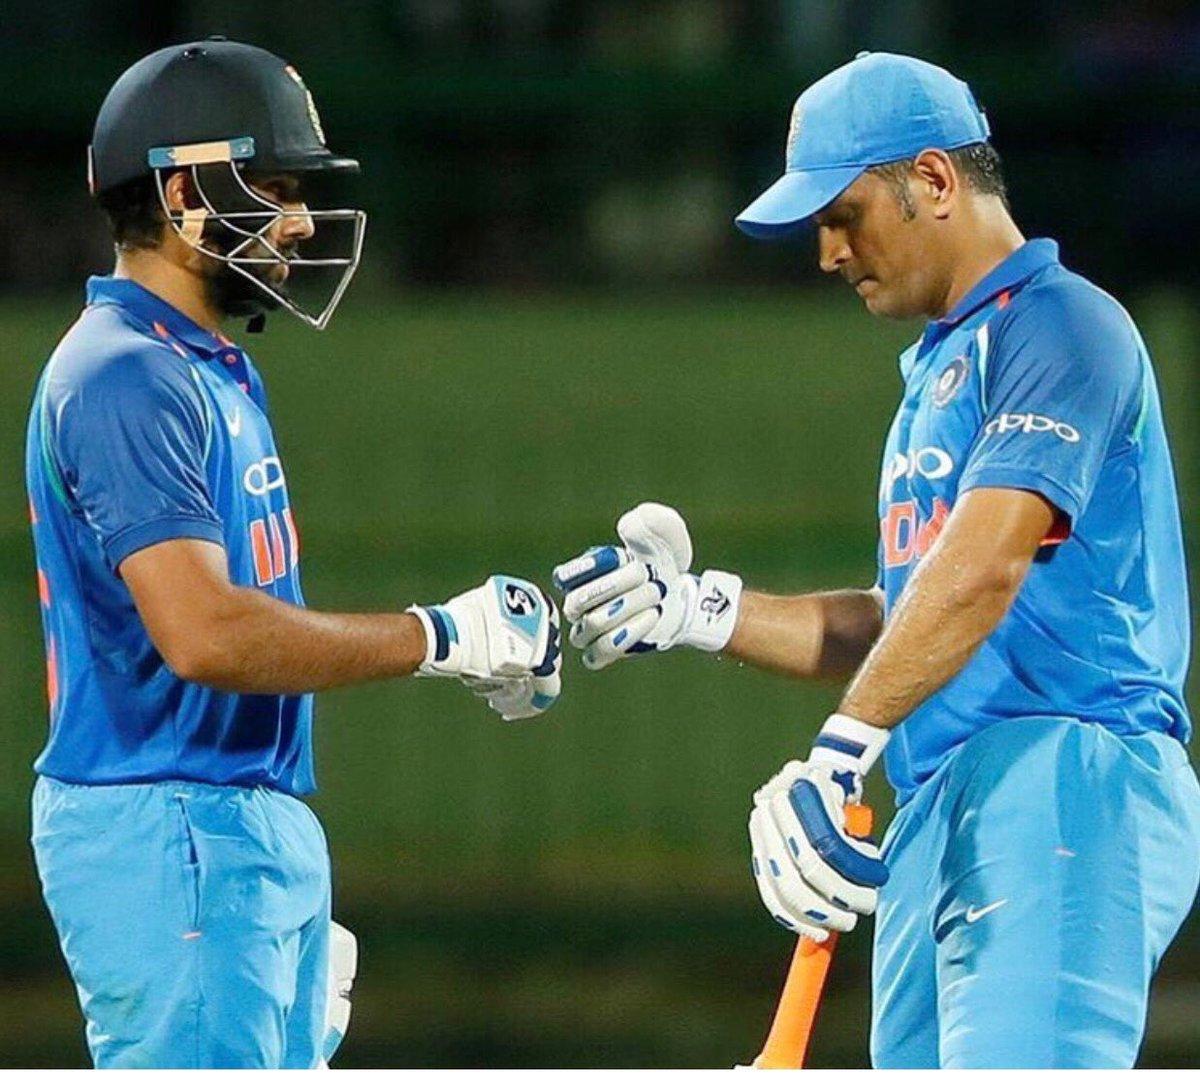 RECORDS: ऑस्ट्रेलिया के खिलाफ रोहित शर्मा ने वनडे क्रिकेट में रचा एक और इतिहास, ऐसा करने वाले 57 वें खिलाड़ी बने रोहित 3